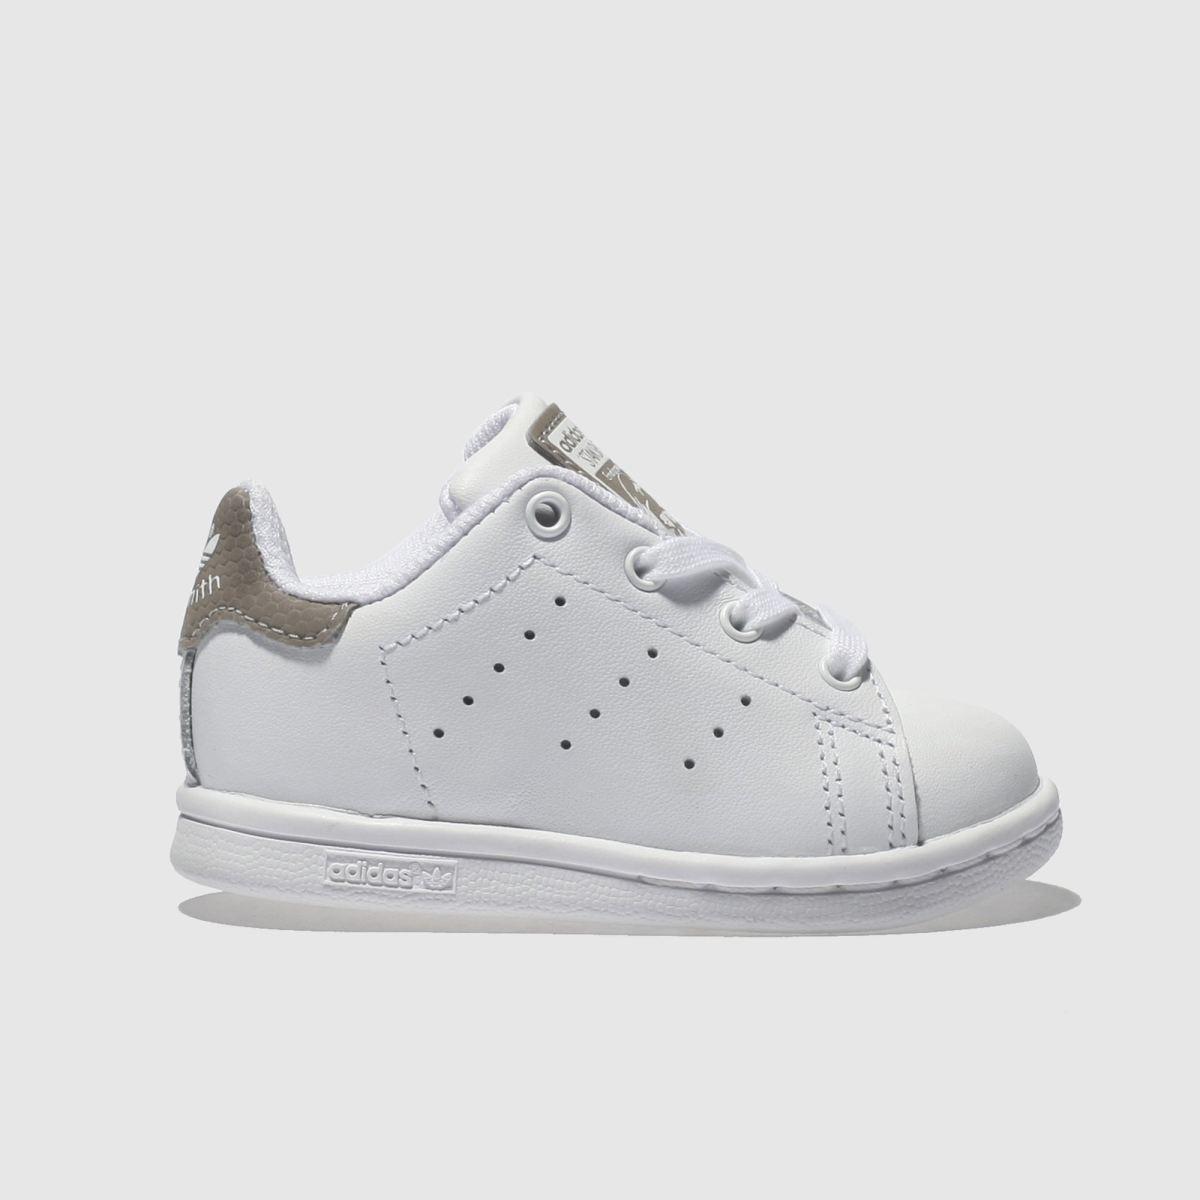 Adidas White & Grey Stan Smith Girls Toddler Toddler